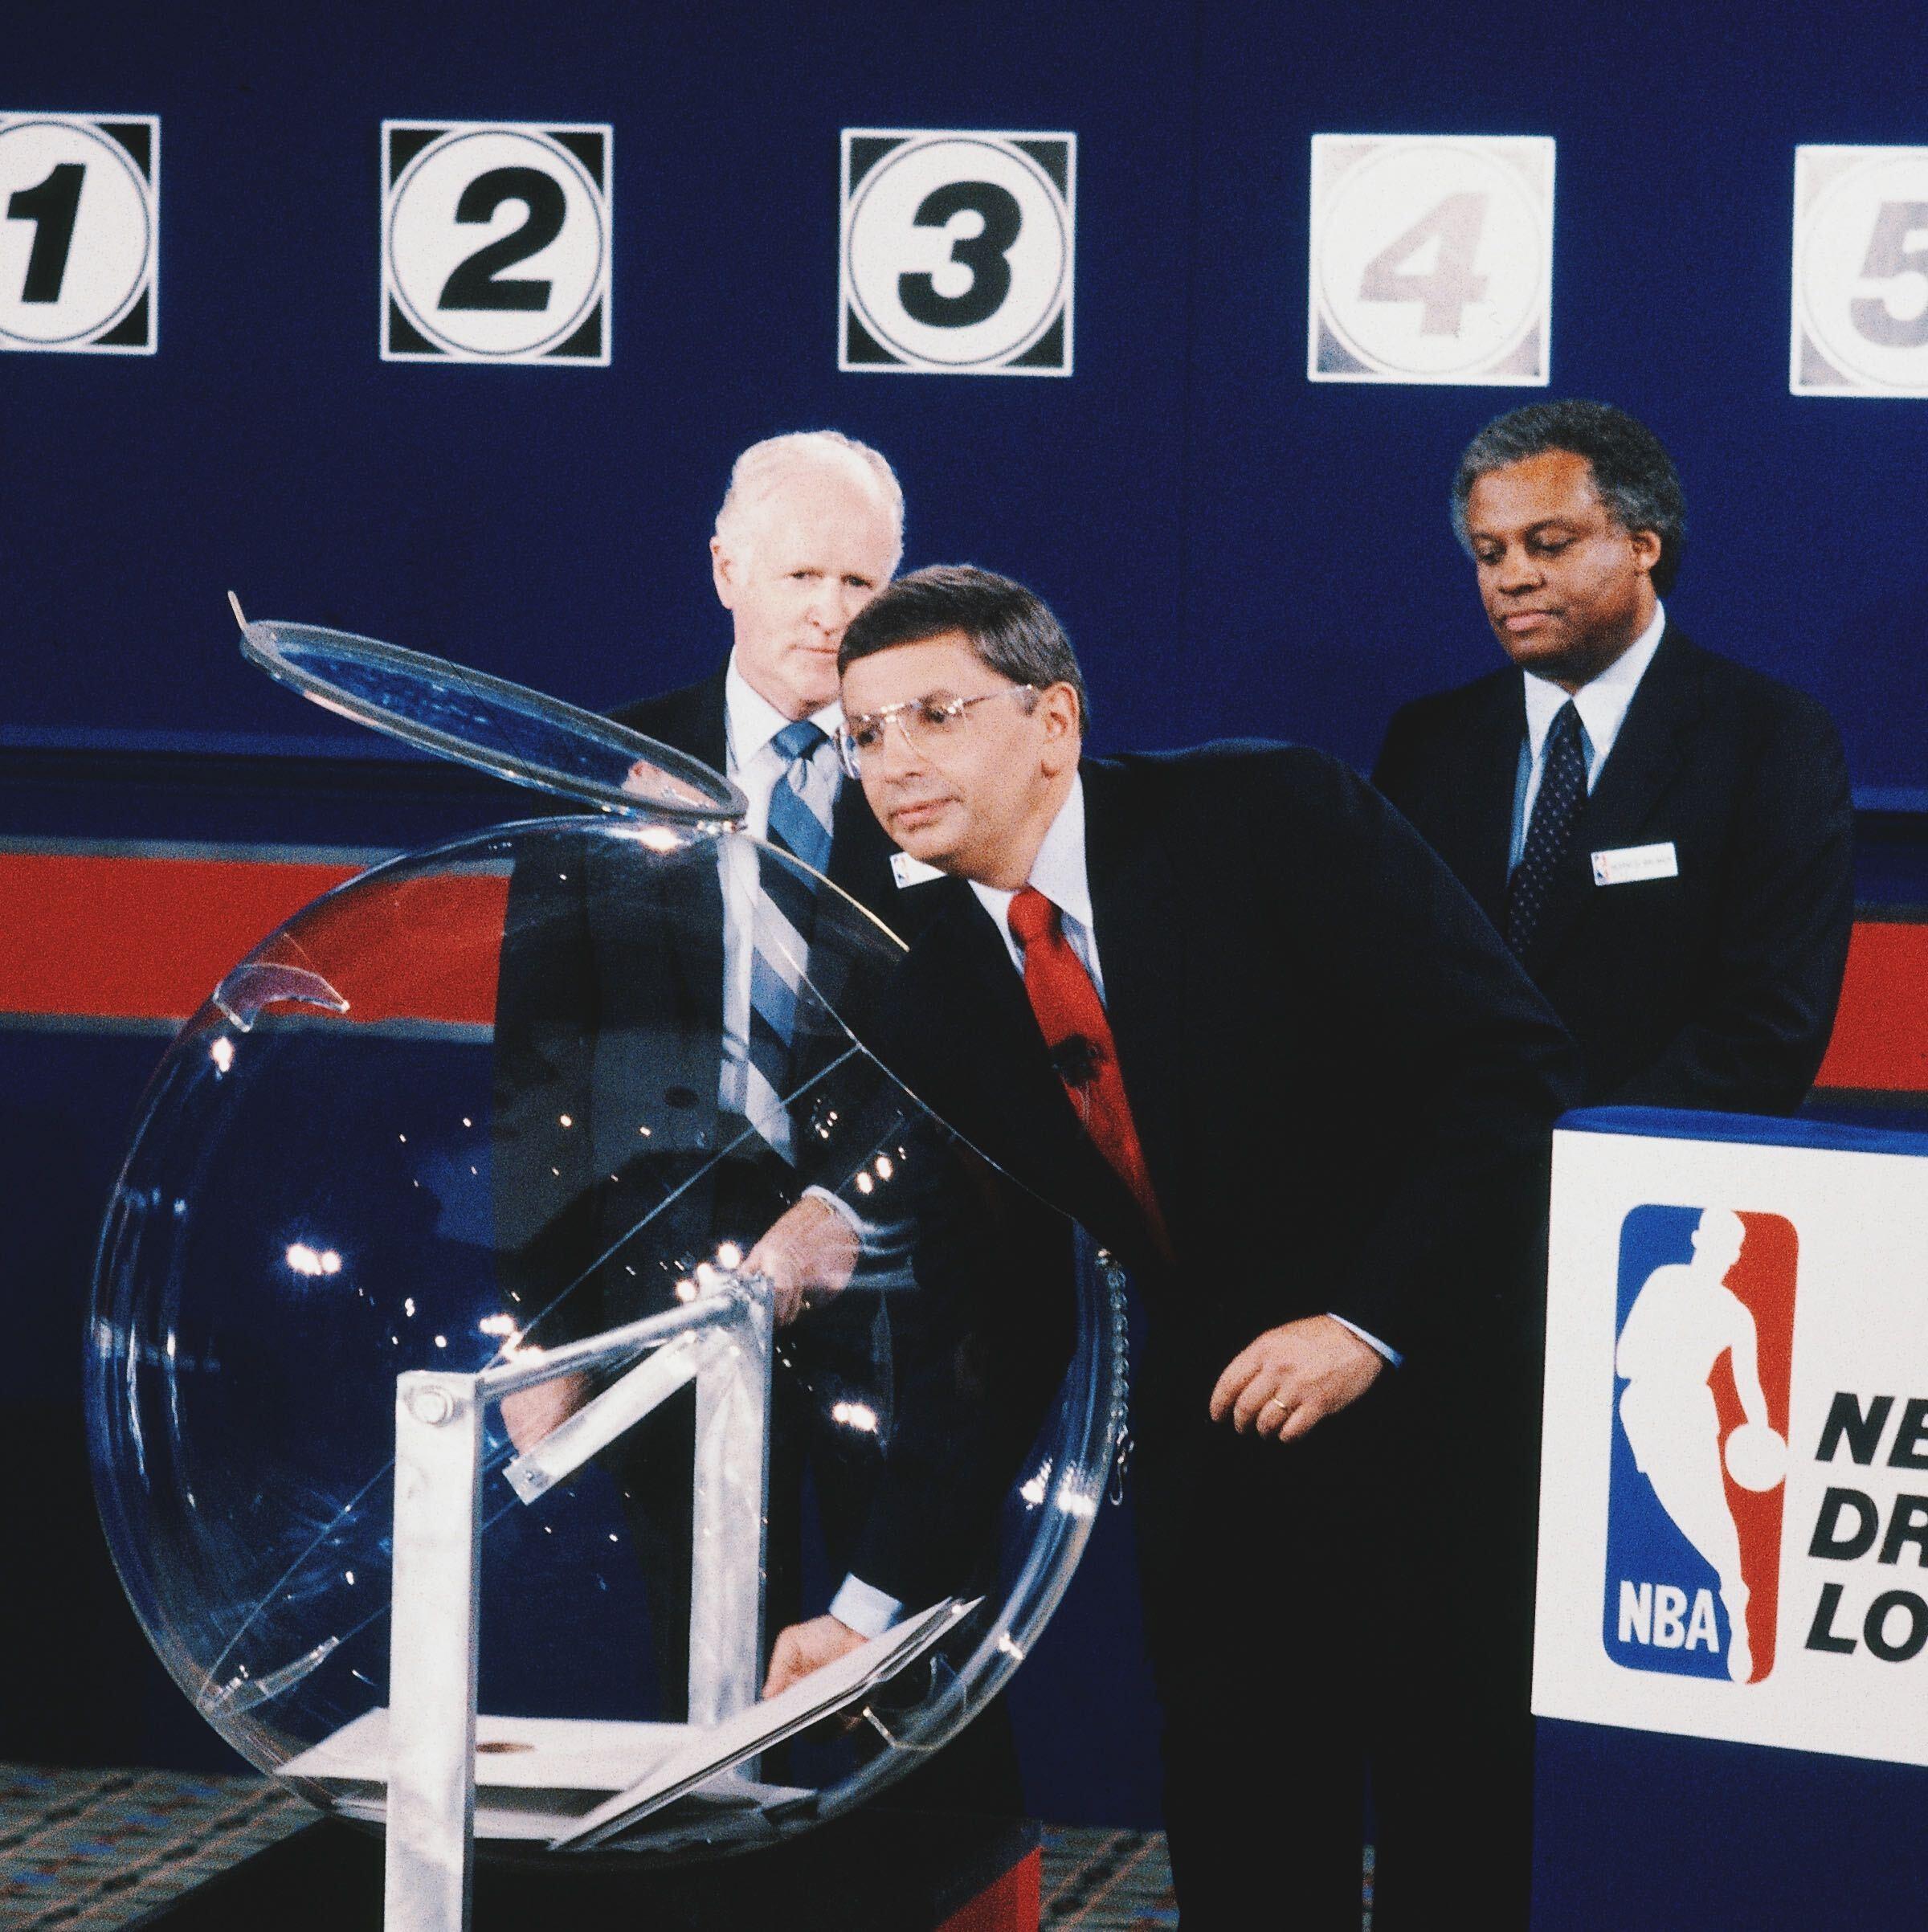 35年前的今天,NBA进行了历史上首次选秀乐透抽签